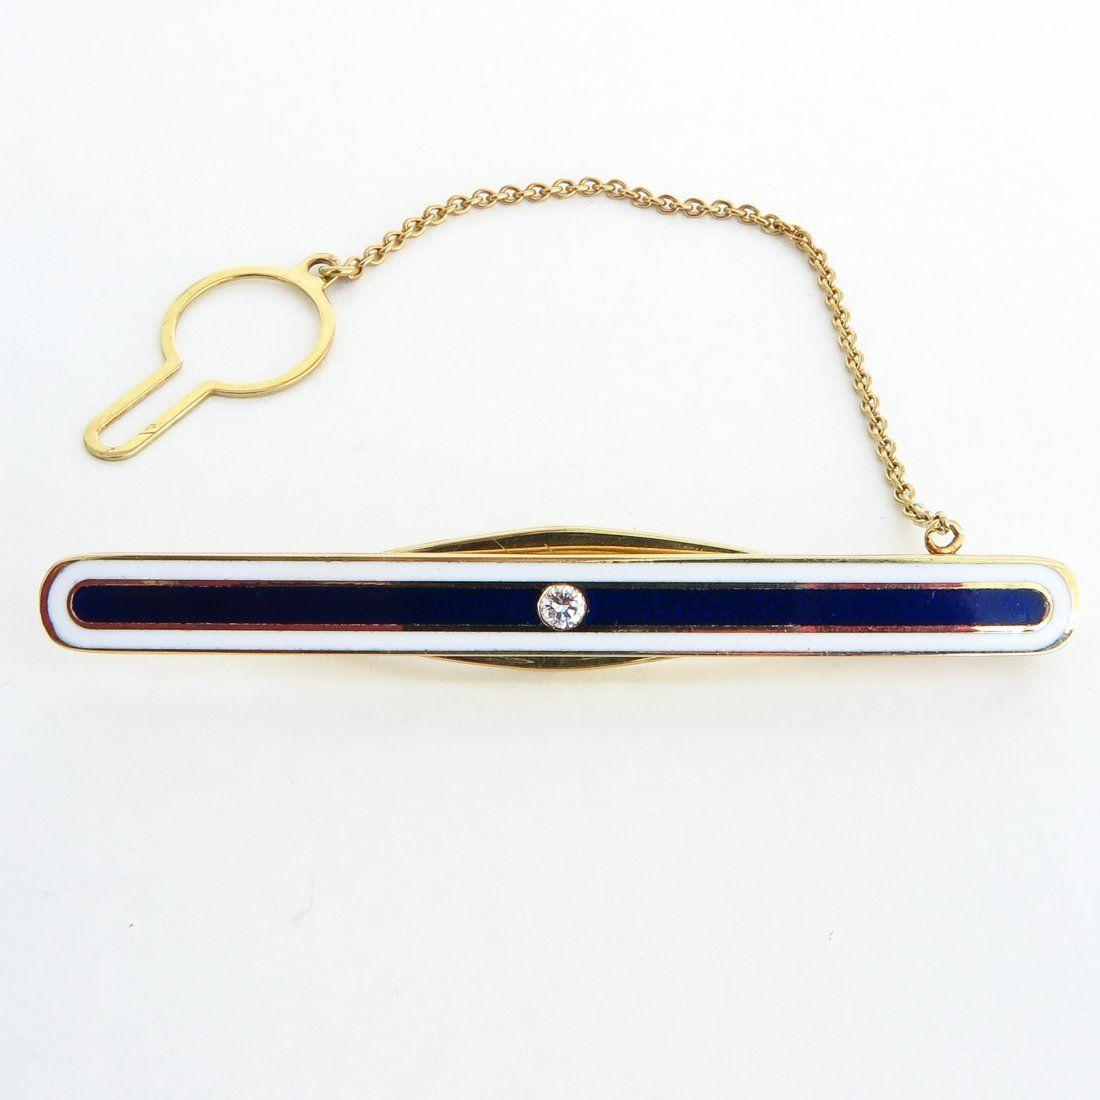 Faberge 18KG Bar Pin